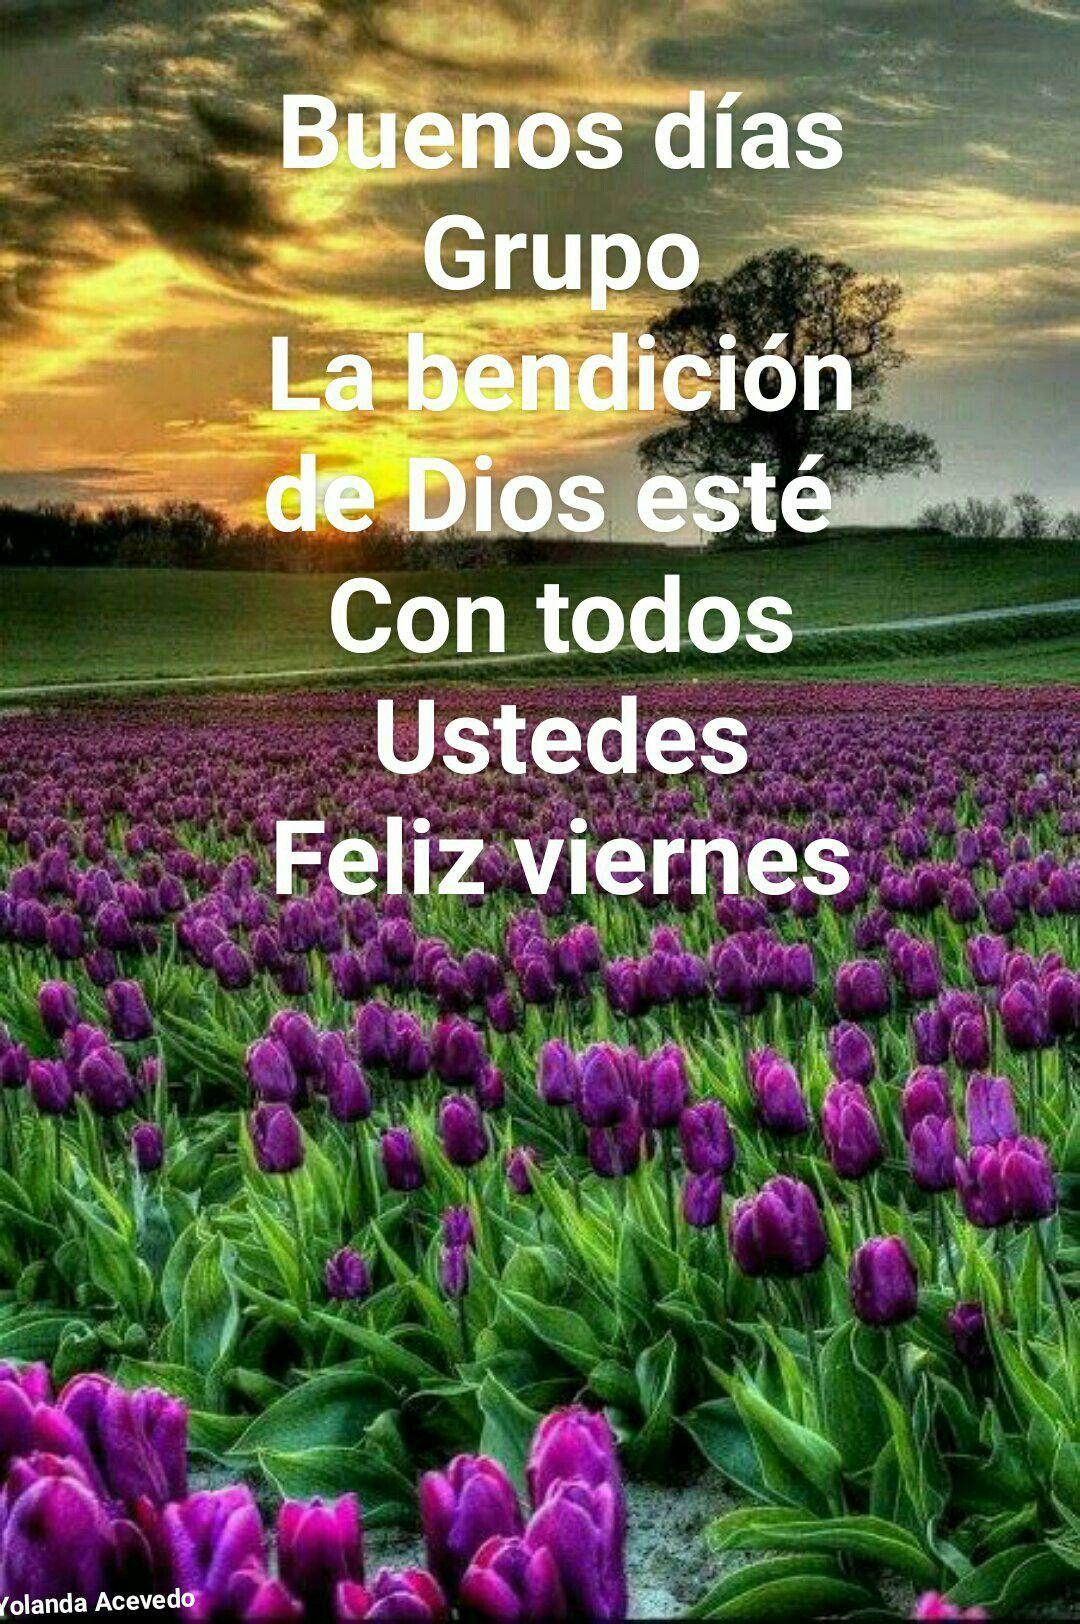 Pin De Yolanda Acevedo En Tarjetas Cristianas Feliz Viernes